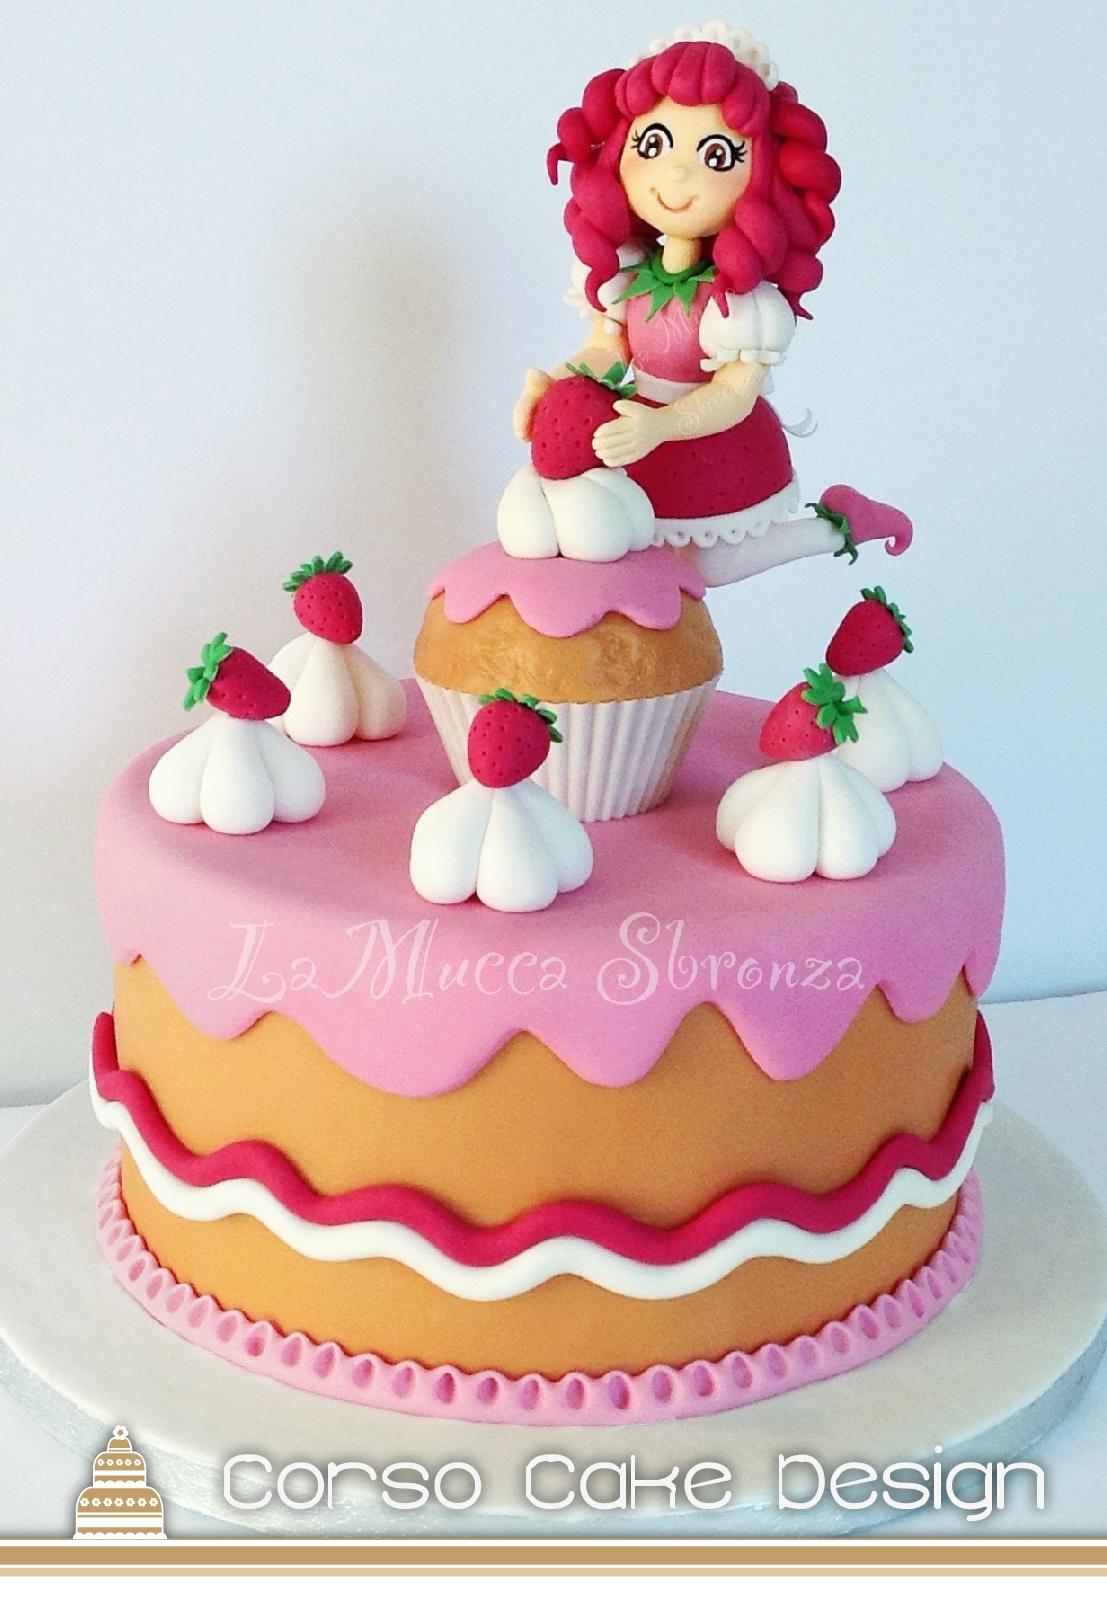 Muccasbronza: Una fata in cucina... corsi di cake design!